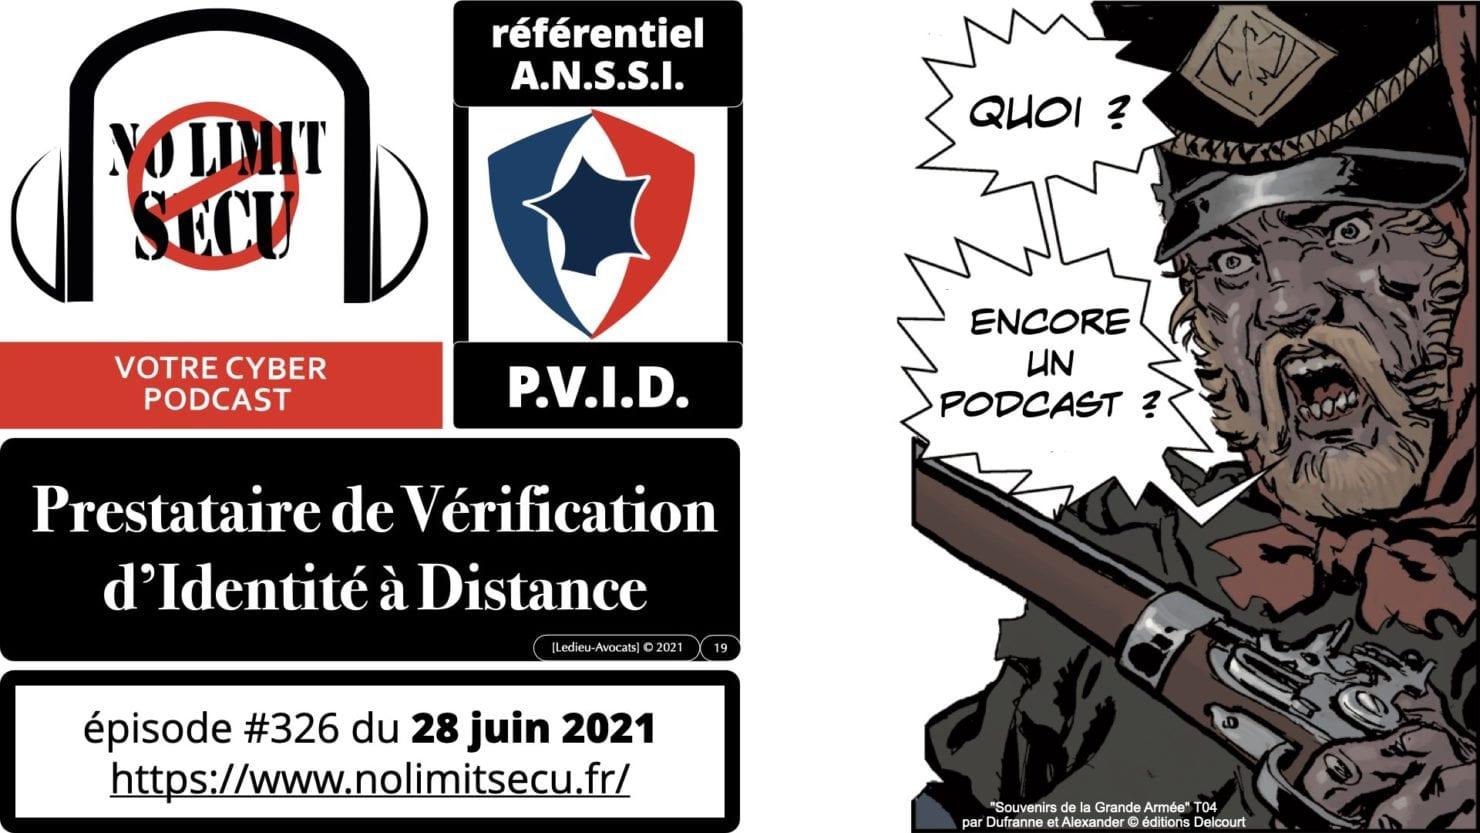 341 chiffrement cryptographie symetrique asymetrique hachage cryptographique TECHNIQUE JURIDIQUE © Ledieu-Avocat 05-07-2021.019